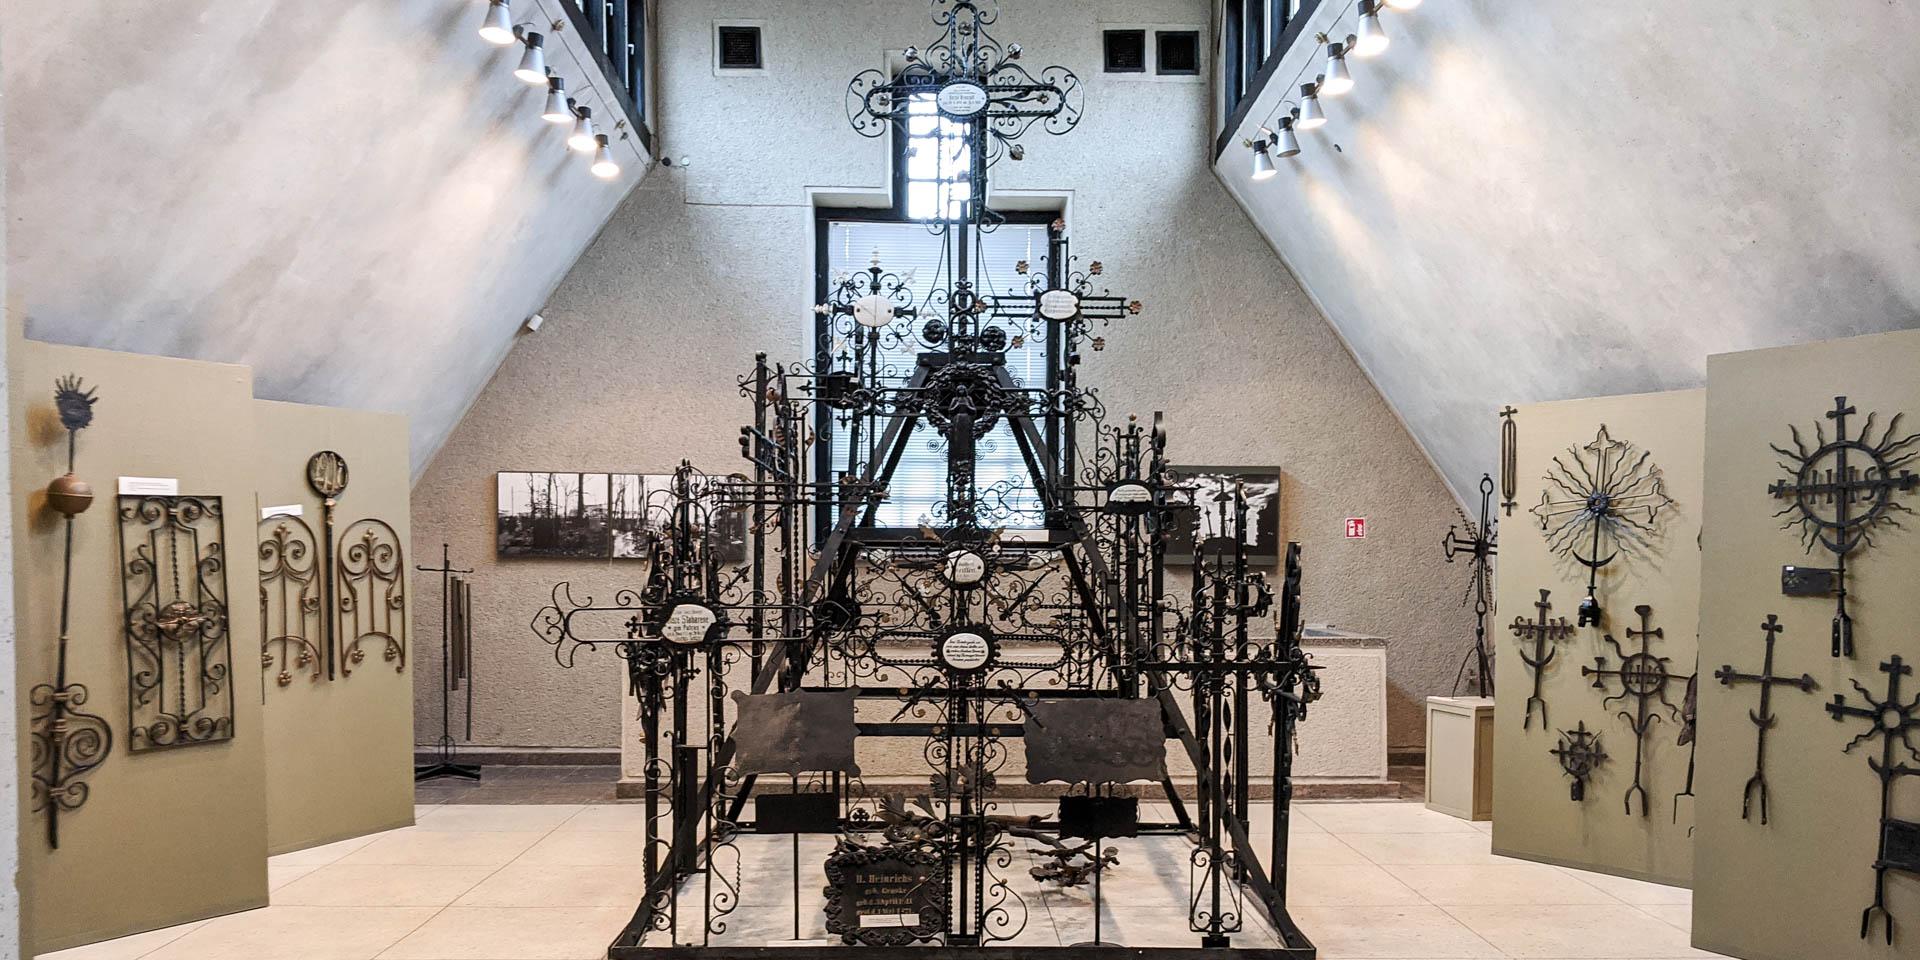 Klaipeda Blacksmith Museum